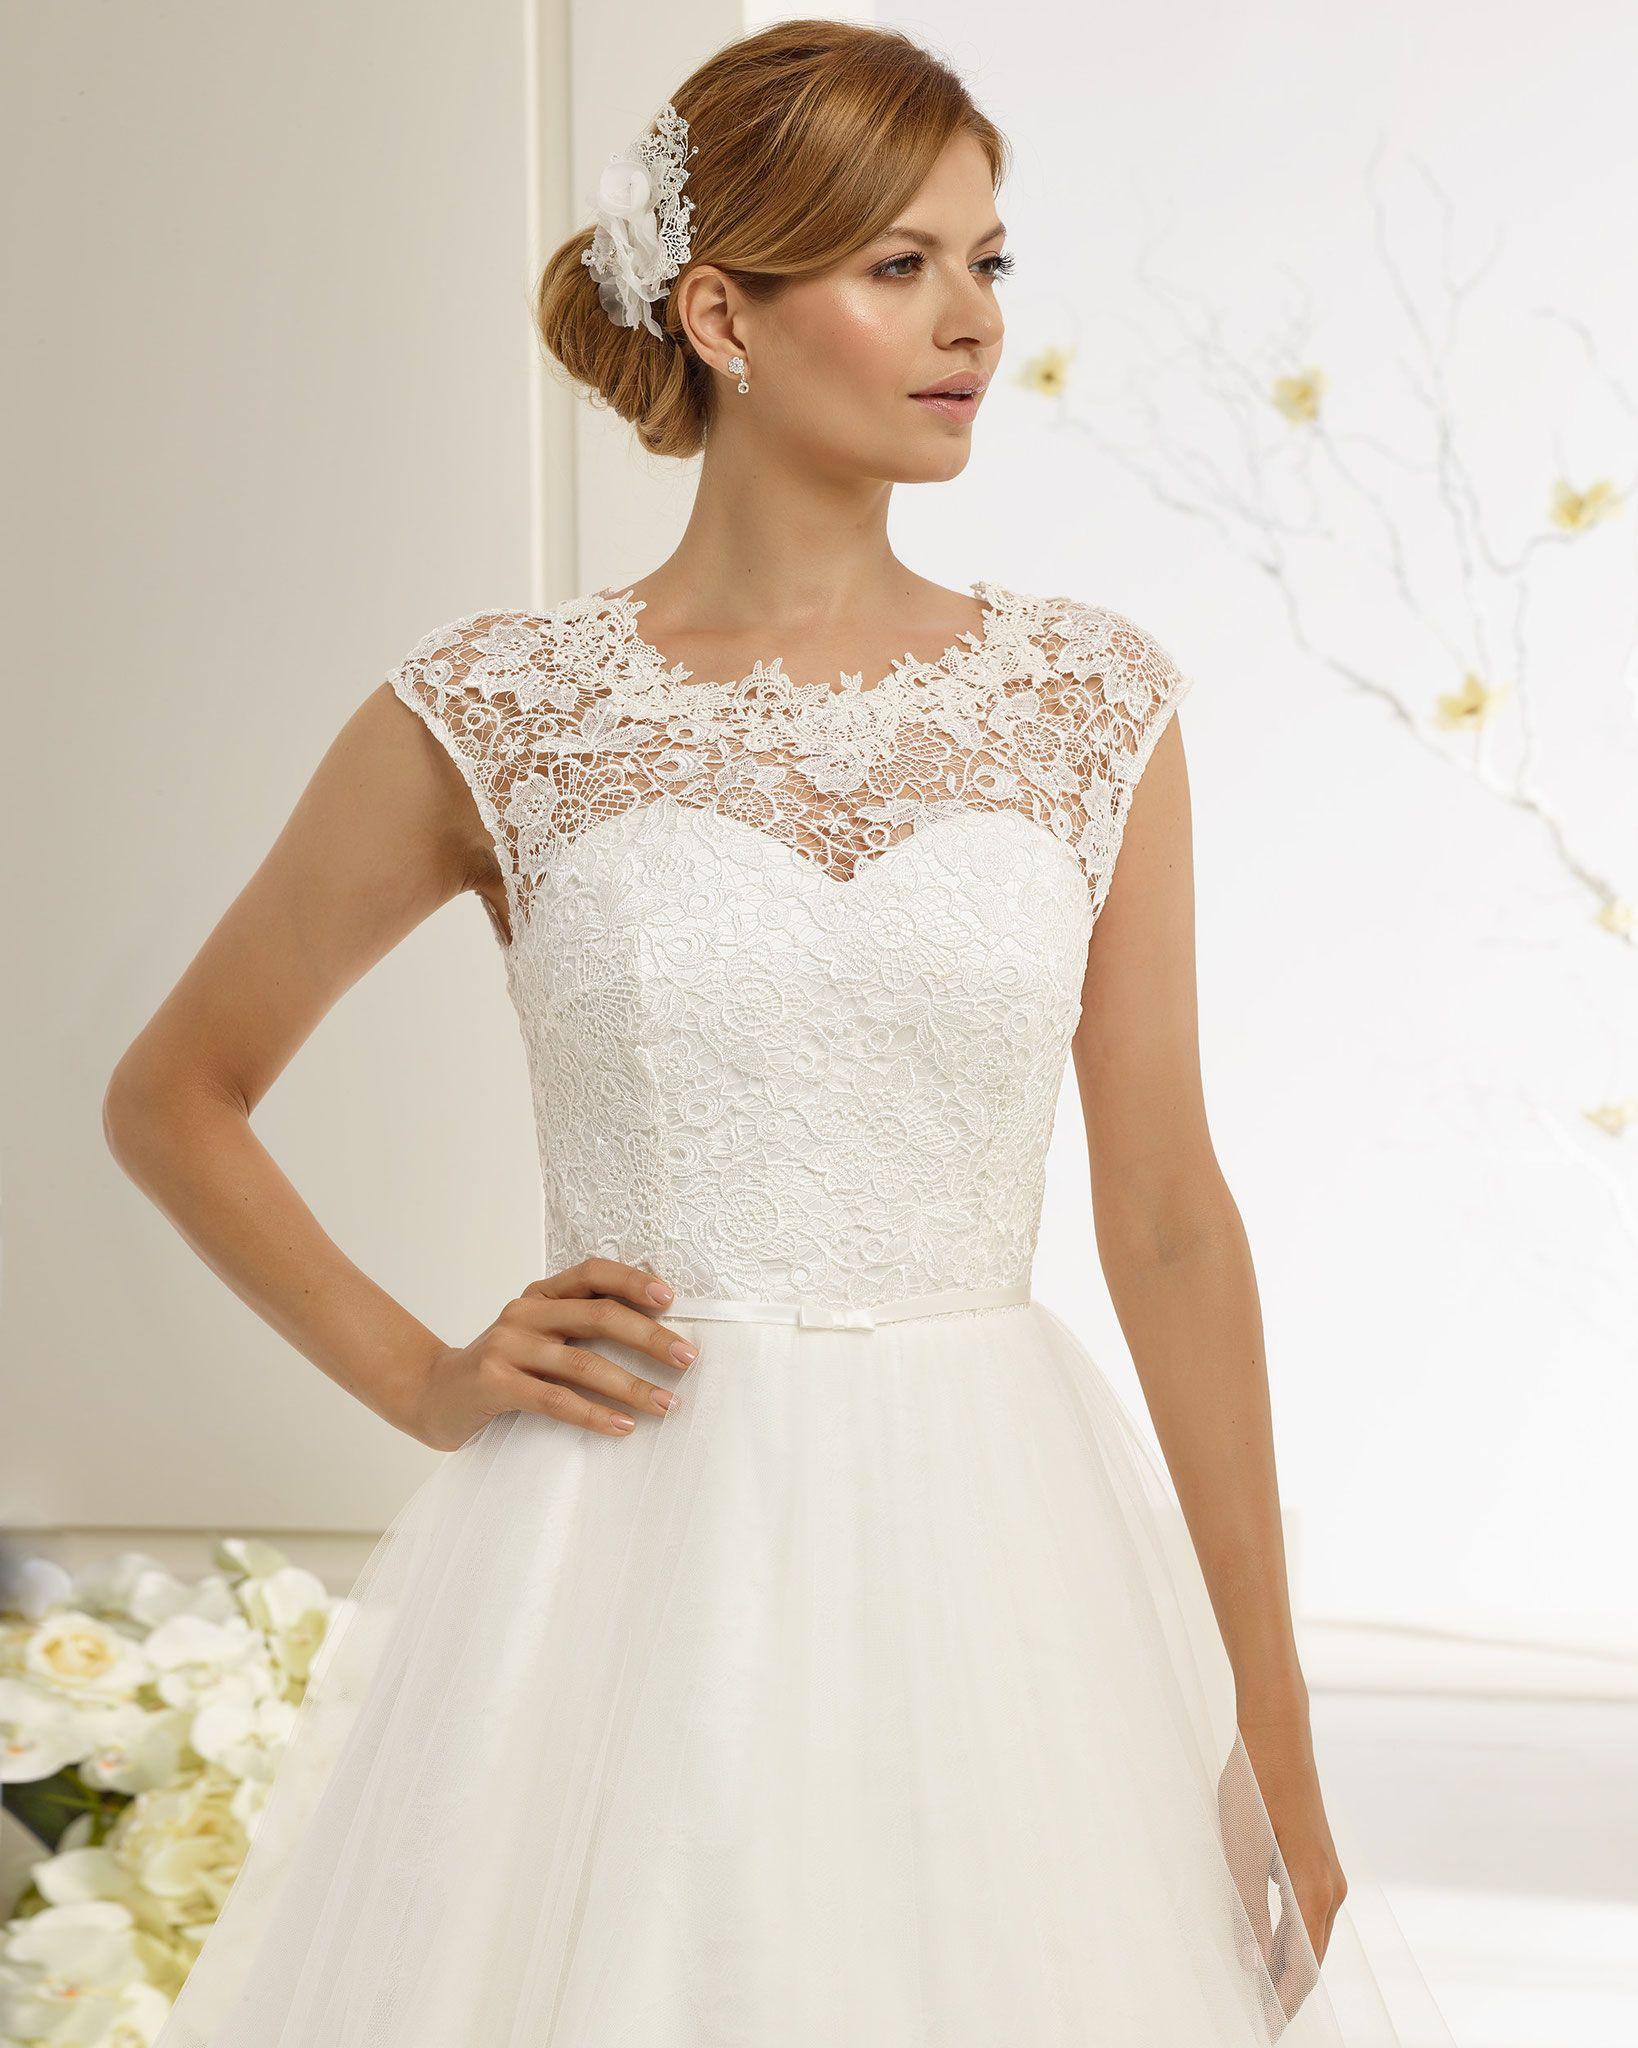 Brautkleid aus Spitze und Tüll.  Kleid hochzeit, Hochzeitskleider